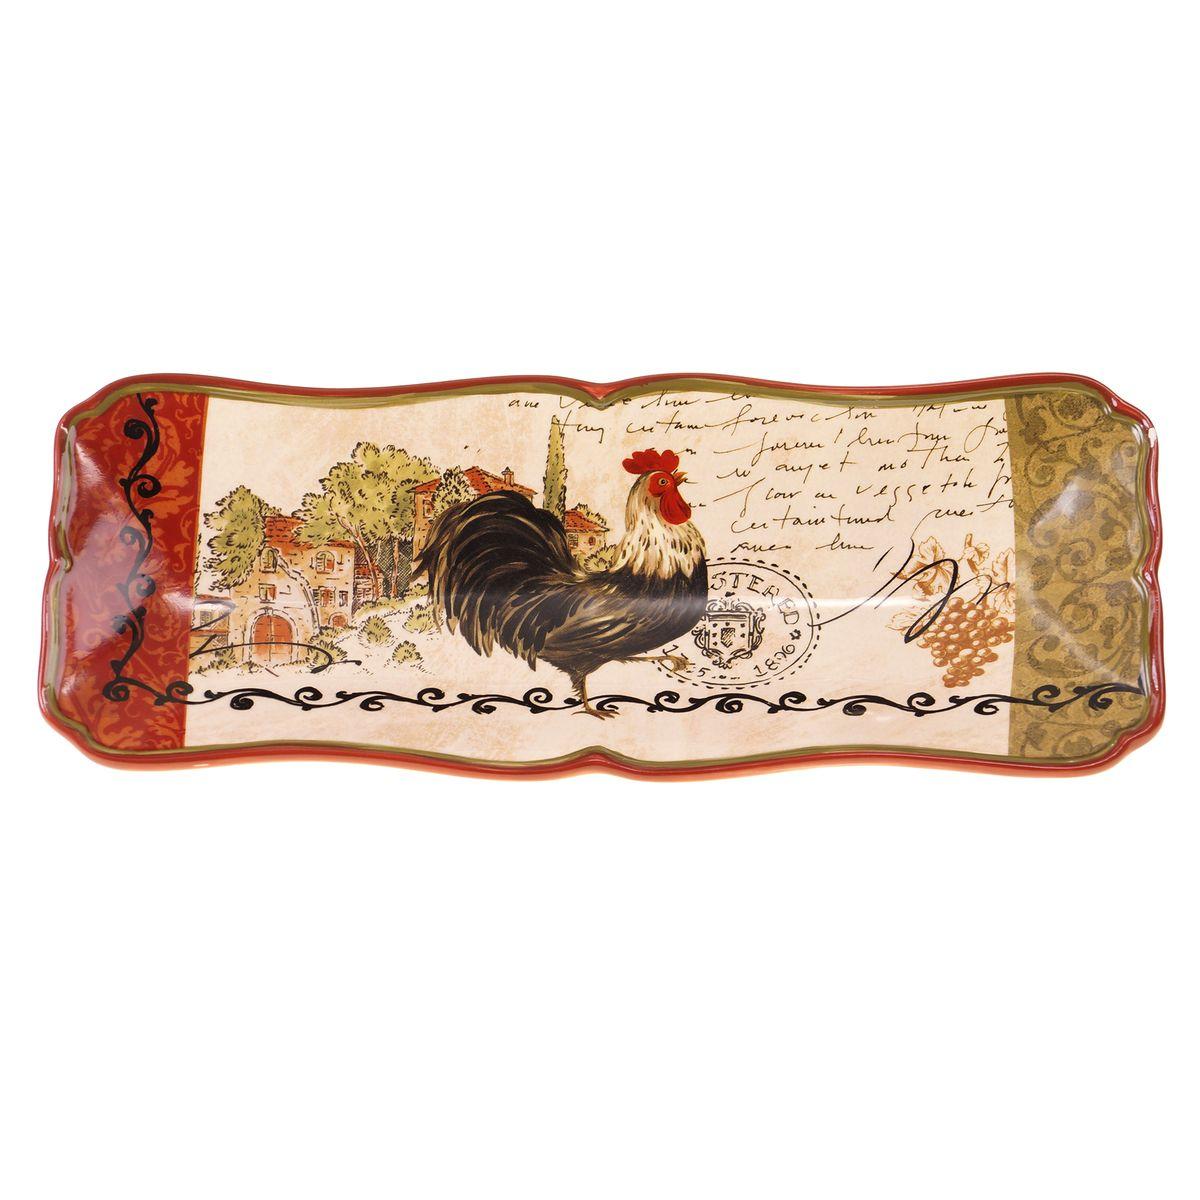 Поднос для хлеба Certified International Тосканский петух, 37 х 13 см14840590Изысканный поднос Certified International Тосканский петух выполнен из высококачественной глазурованной керамики. Изделие украшено оригинальным рисунком петуха. Такой поднос идеально подойдет для сервировки хлеба на праздничном столе. Он придется по вкусу и ценителям классики, и тем, кто предпочитает утонченность и изысканность. Размер подноса: 37 х 13 см.